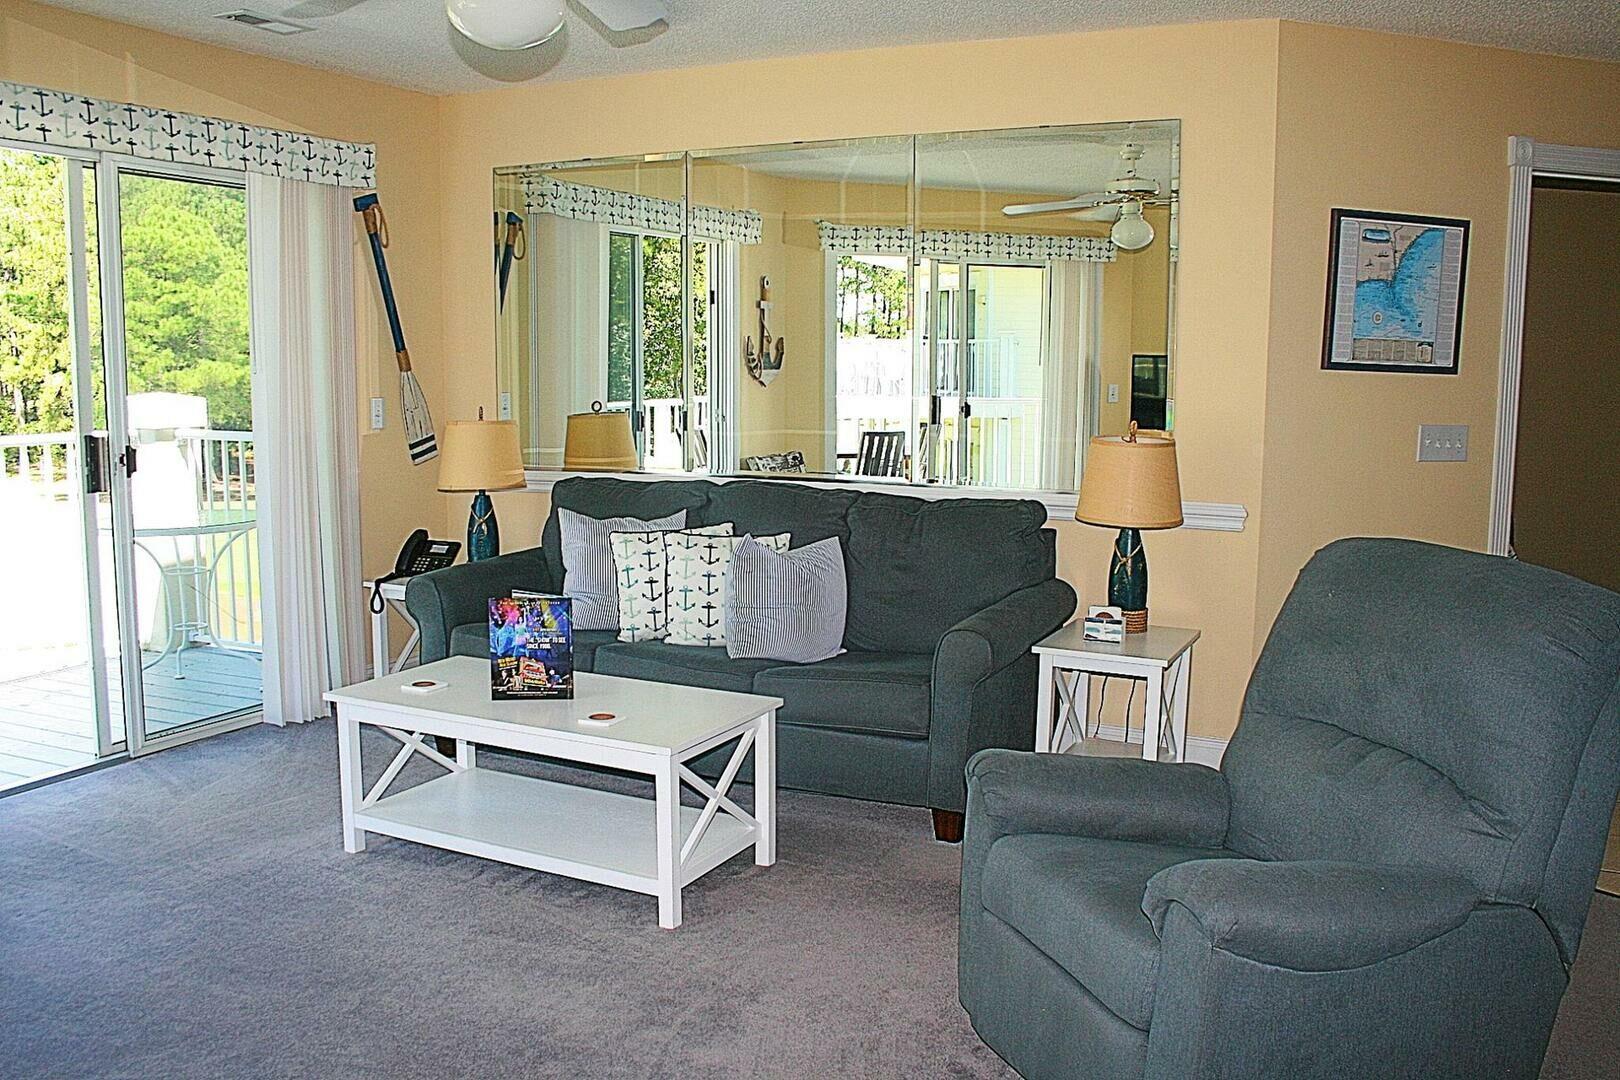 1107M 1 Bedroom/1 Bath Villa